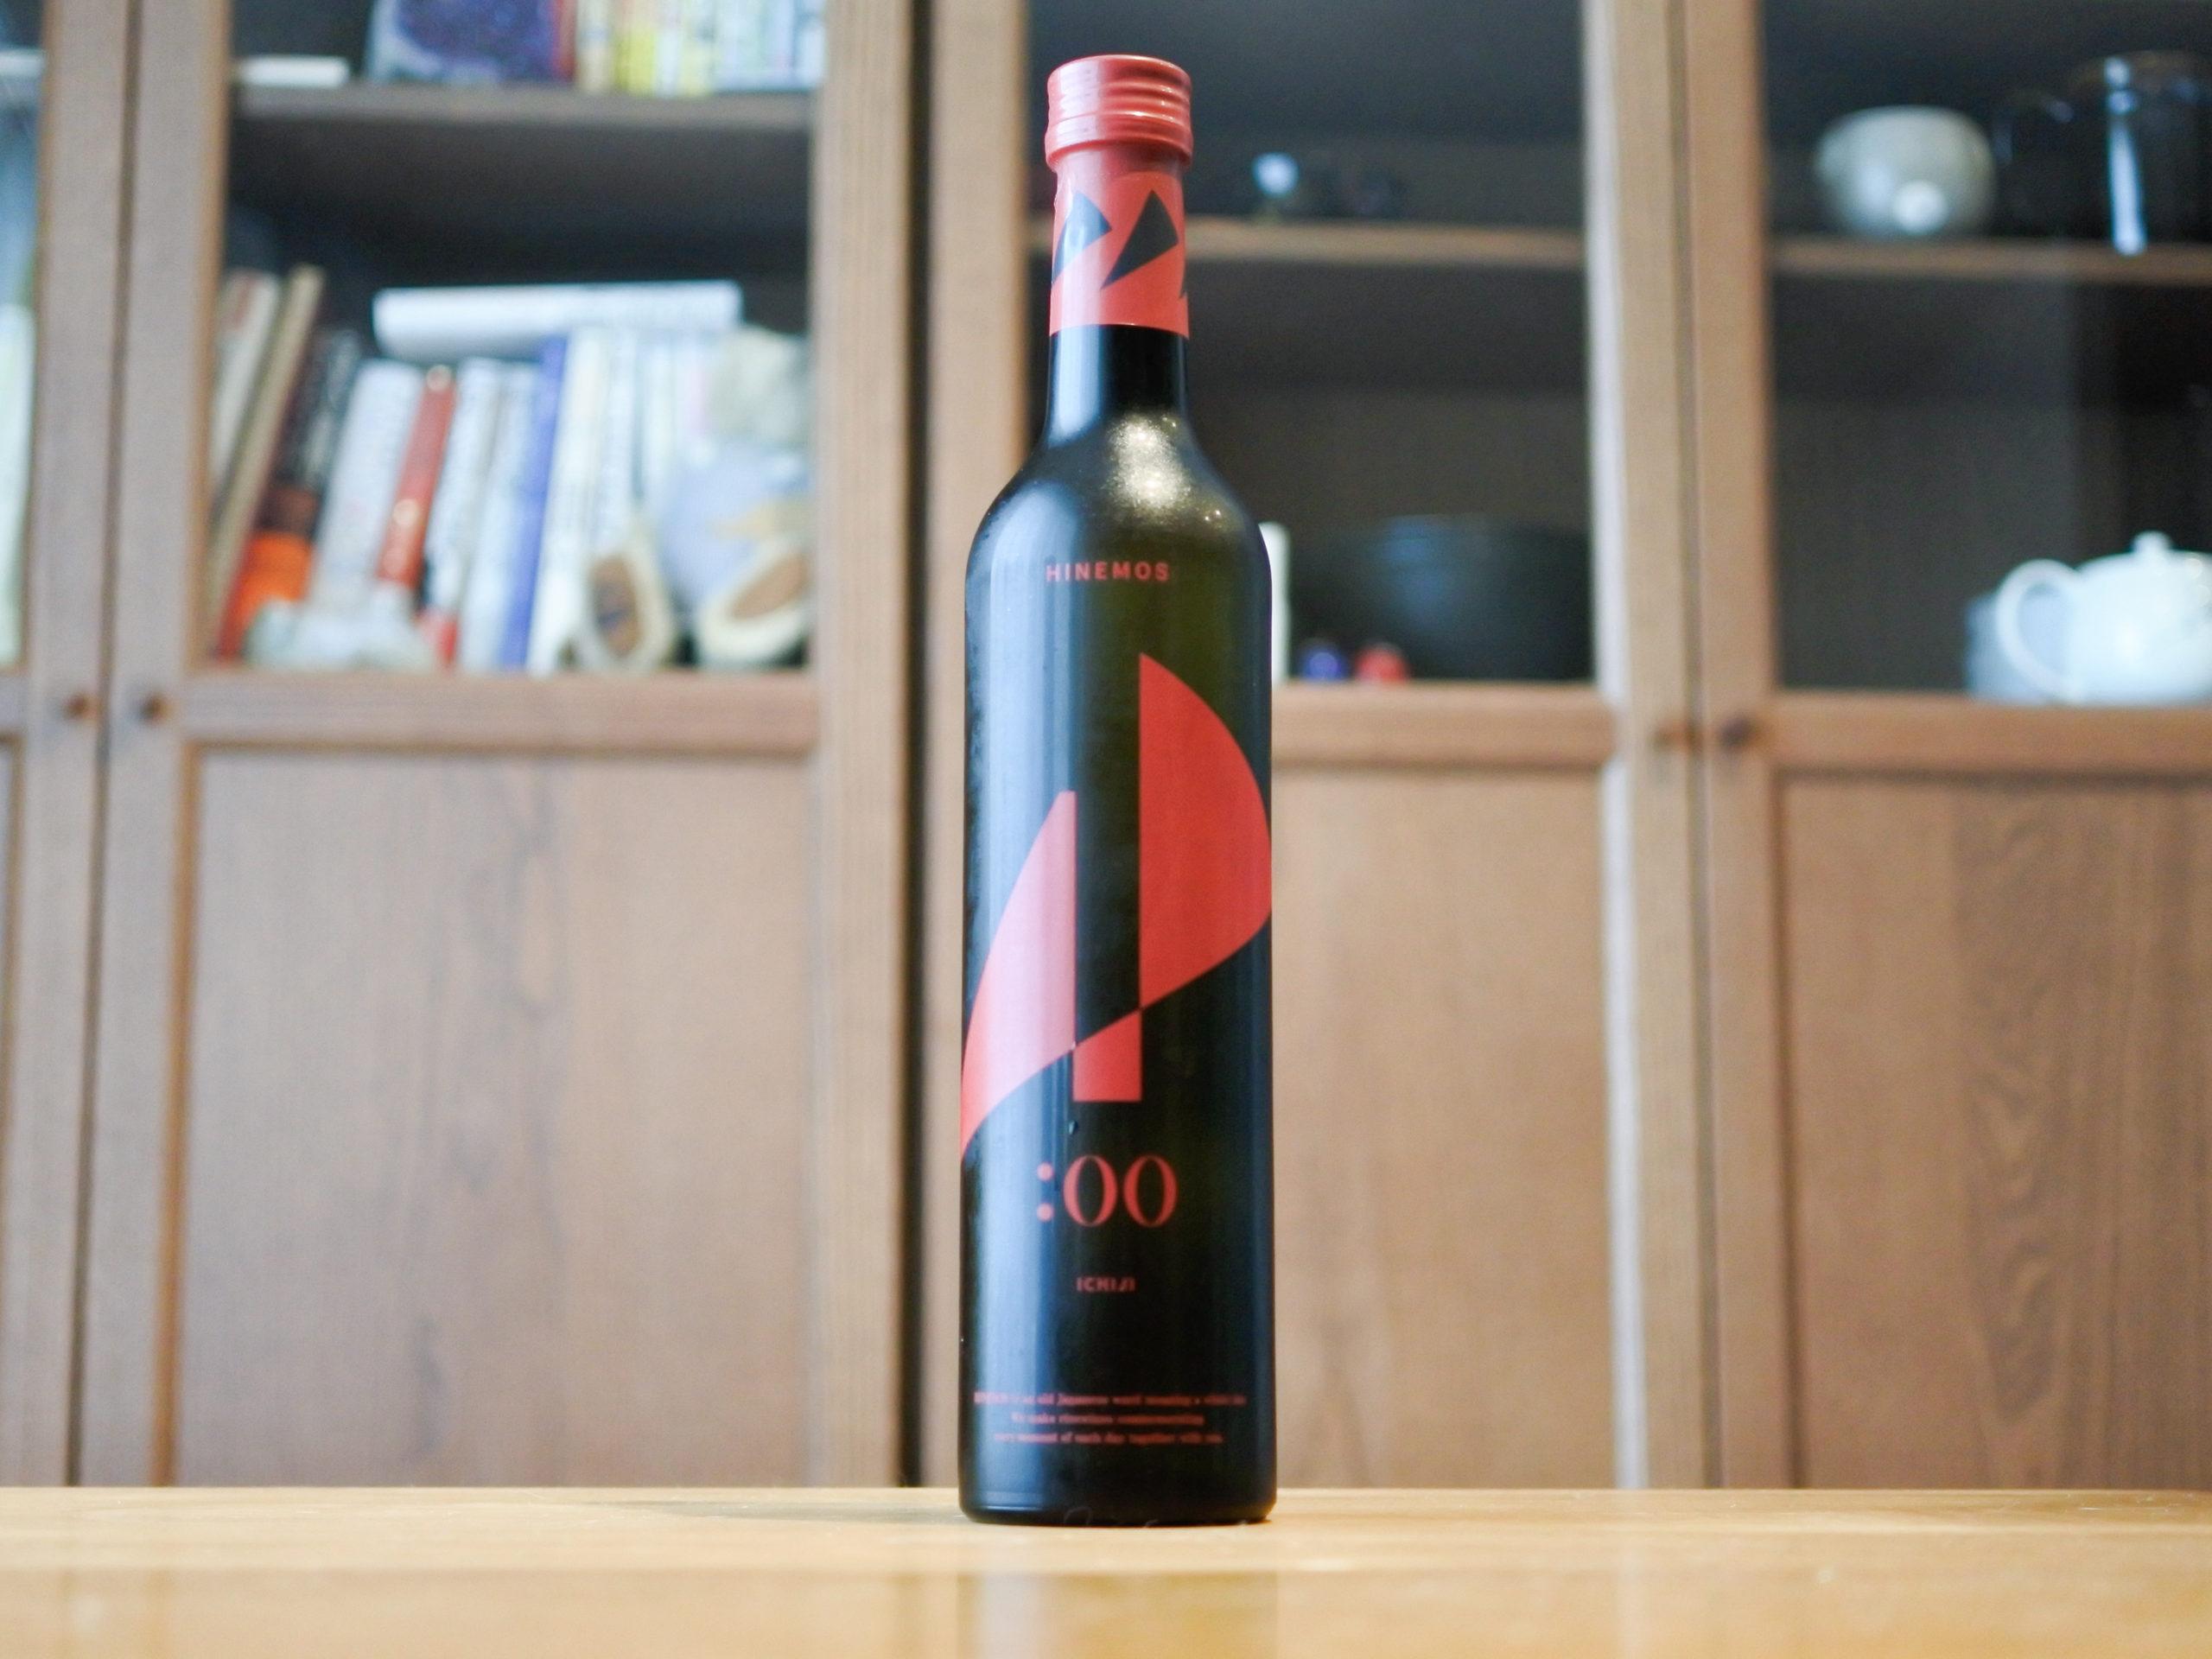 芳醇な旨味と酸味のおしゃれ系日本酒「HINEMOS ICHIJI」の画像